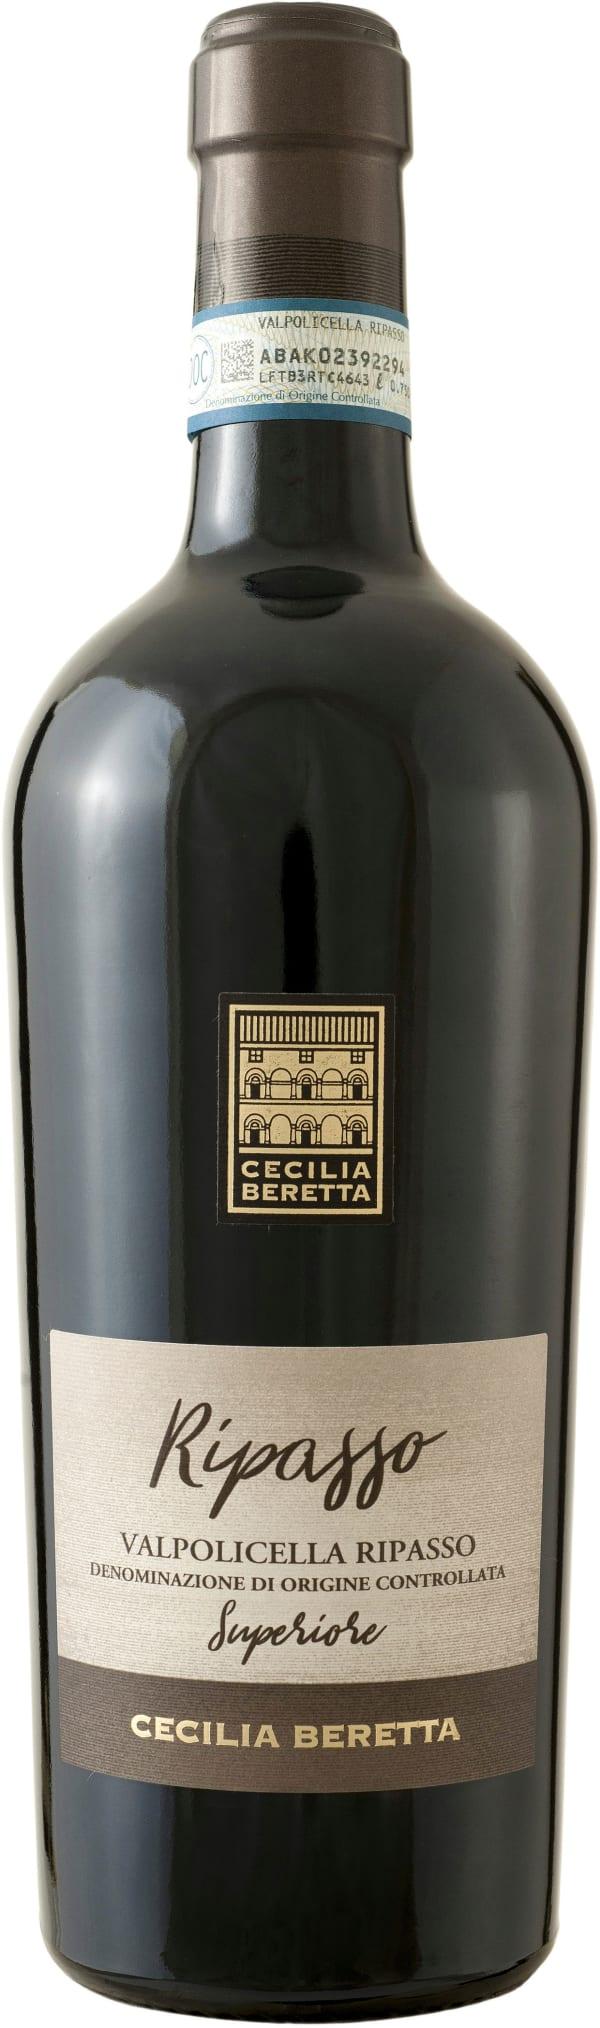 Cecilia Beretta Ripasso 2017